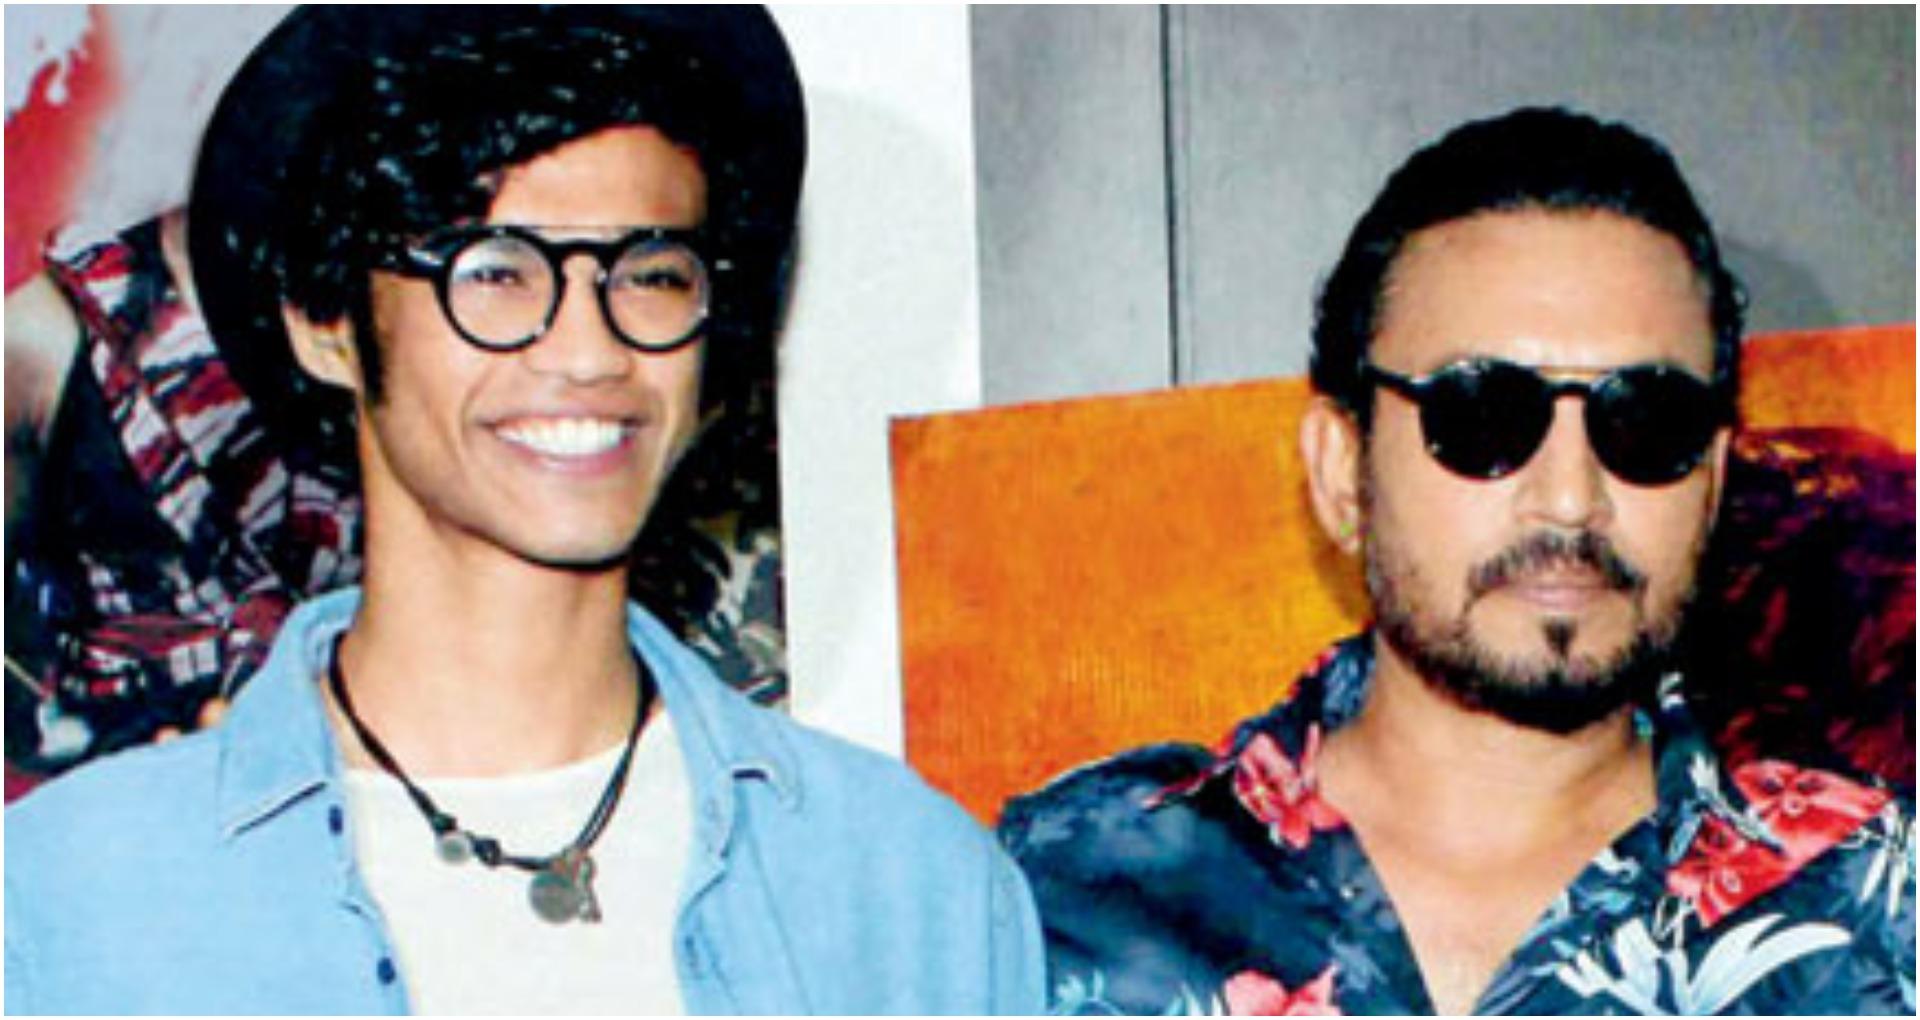 इरफान खान और बाबिल का अलग था रिश्ता, बेटे के गले पर 'Love Bite' देख एक्टर ने कहा था ये!